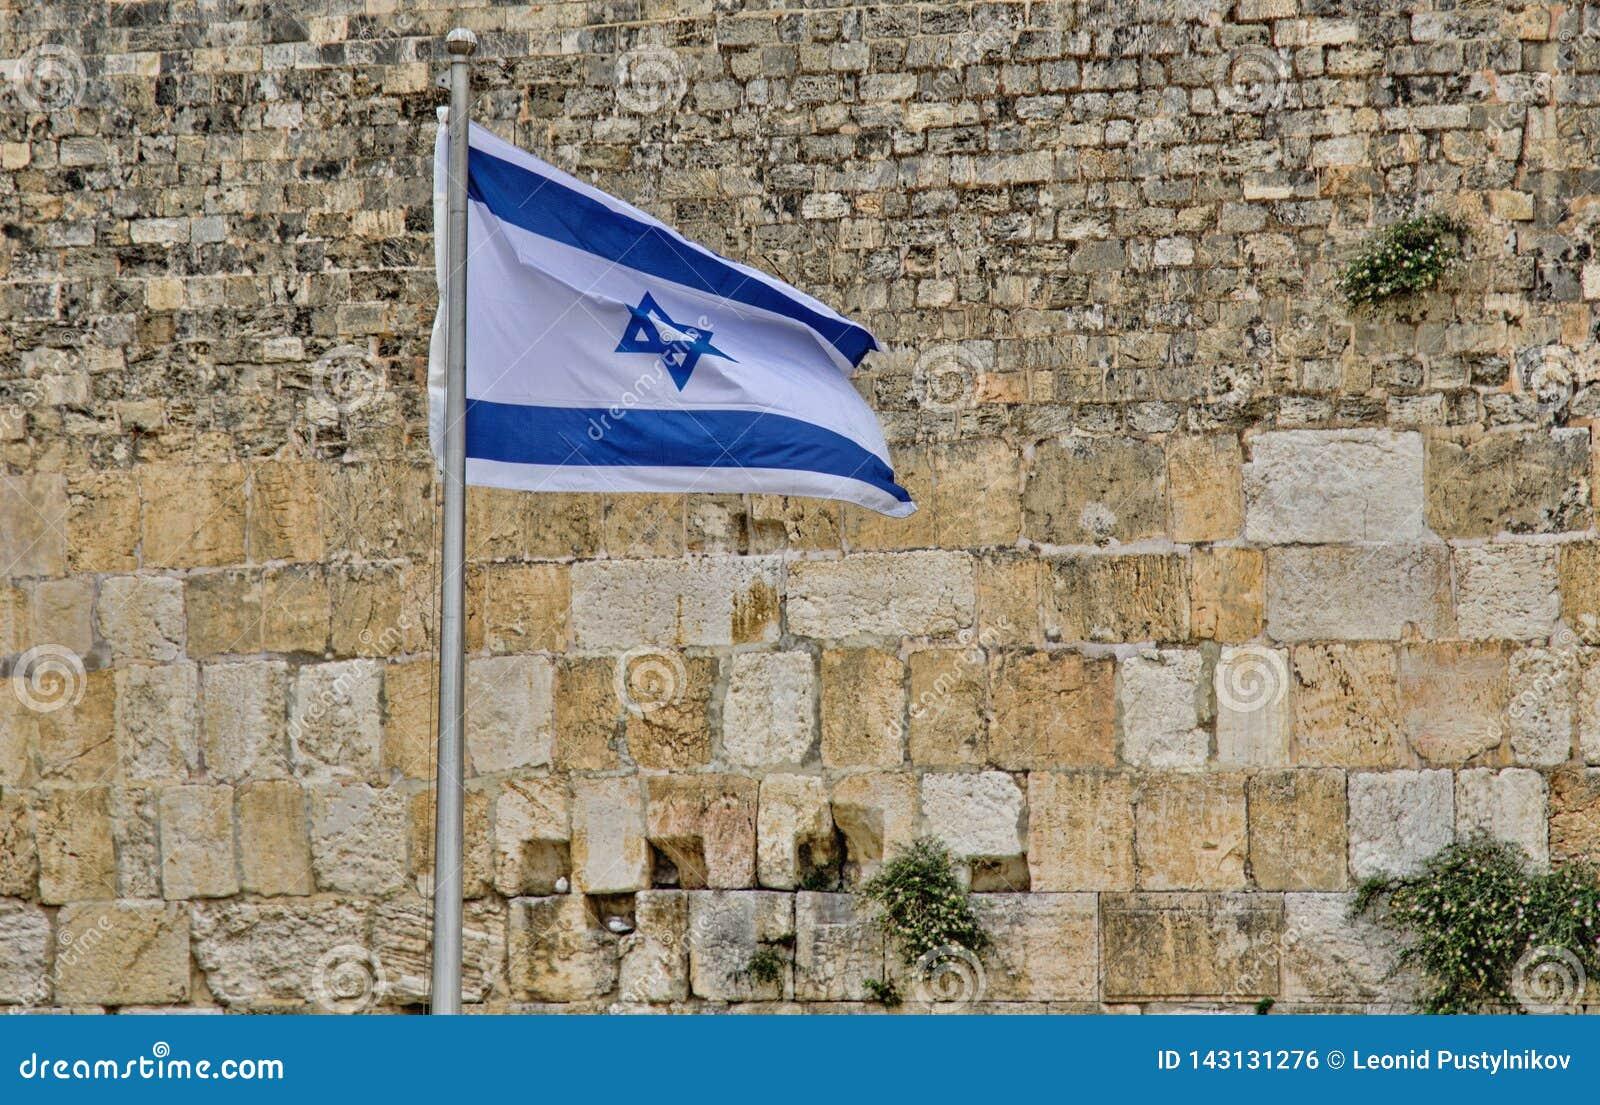 Флаг Израиля на западной стене